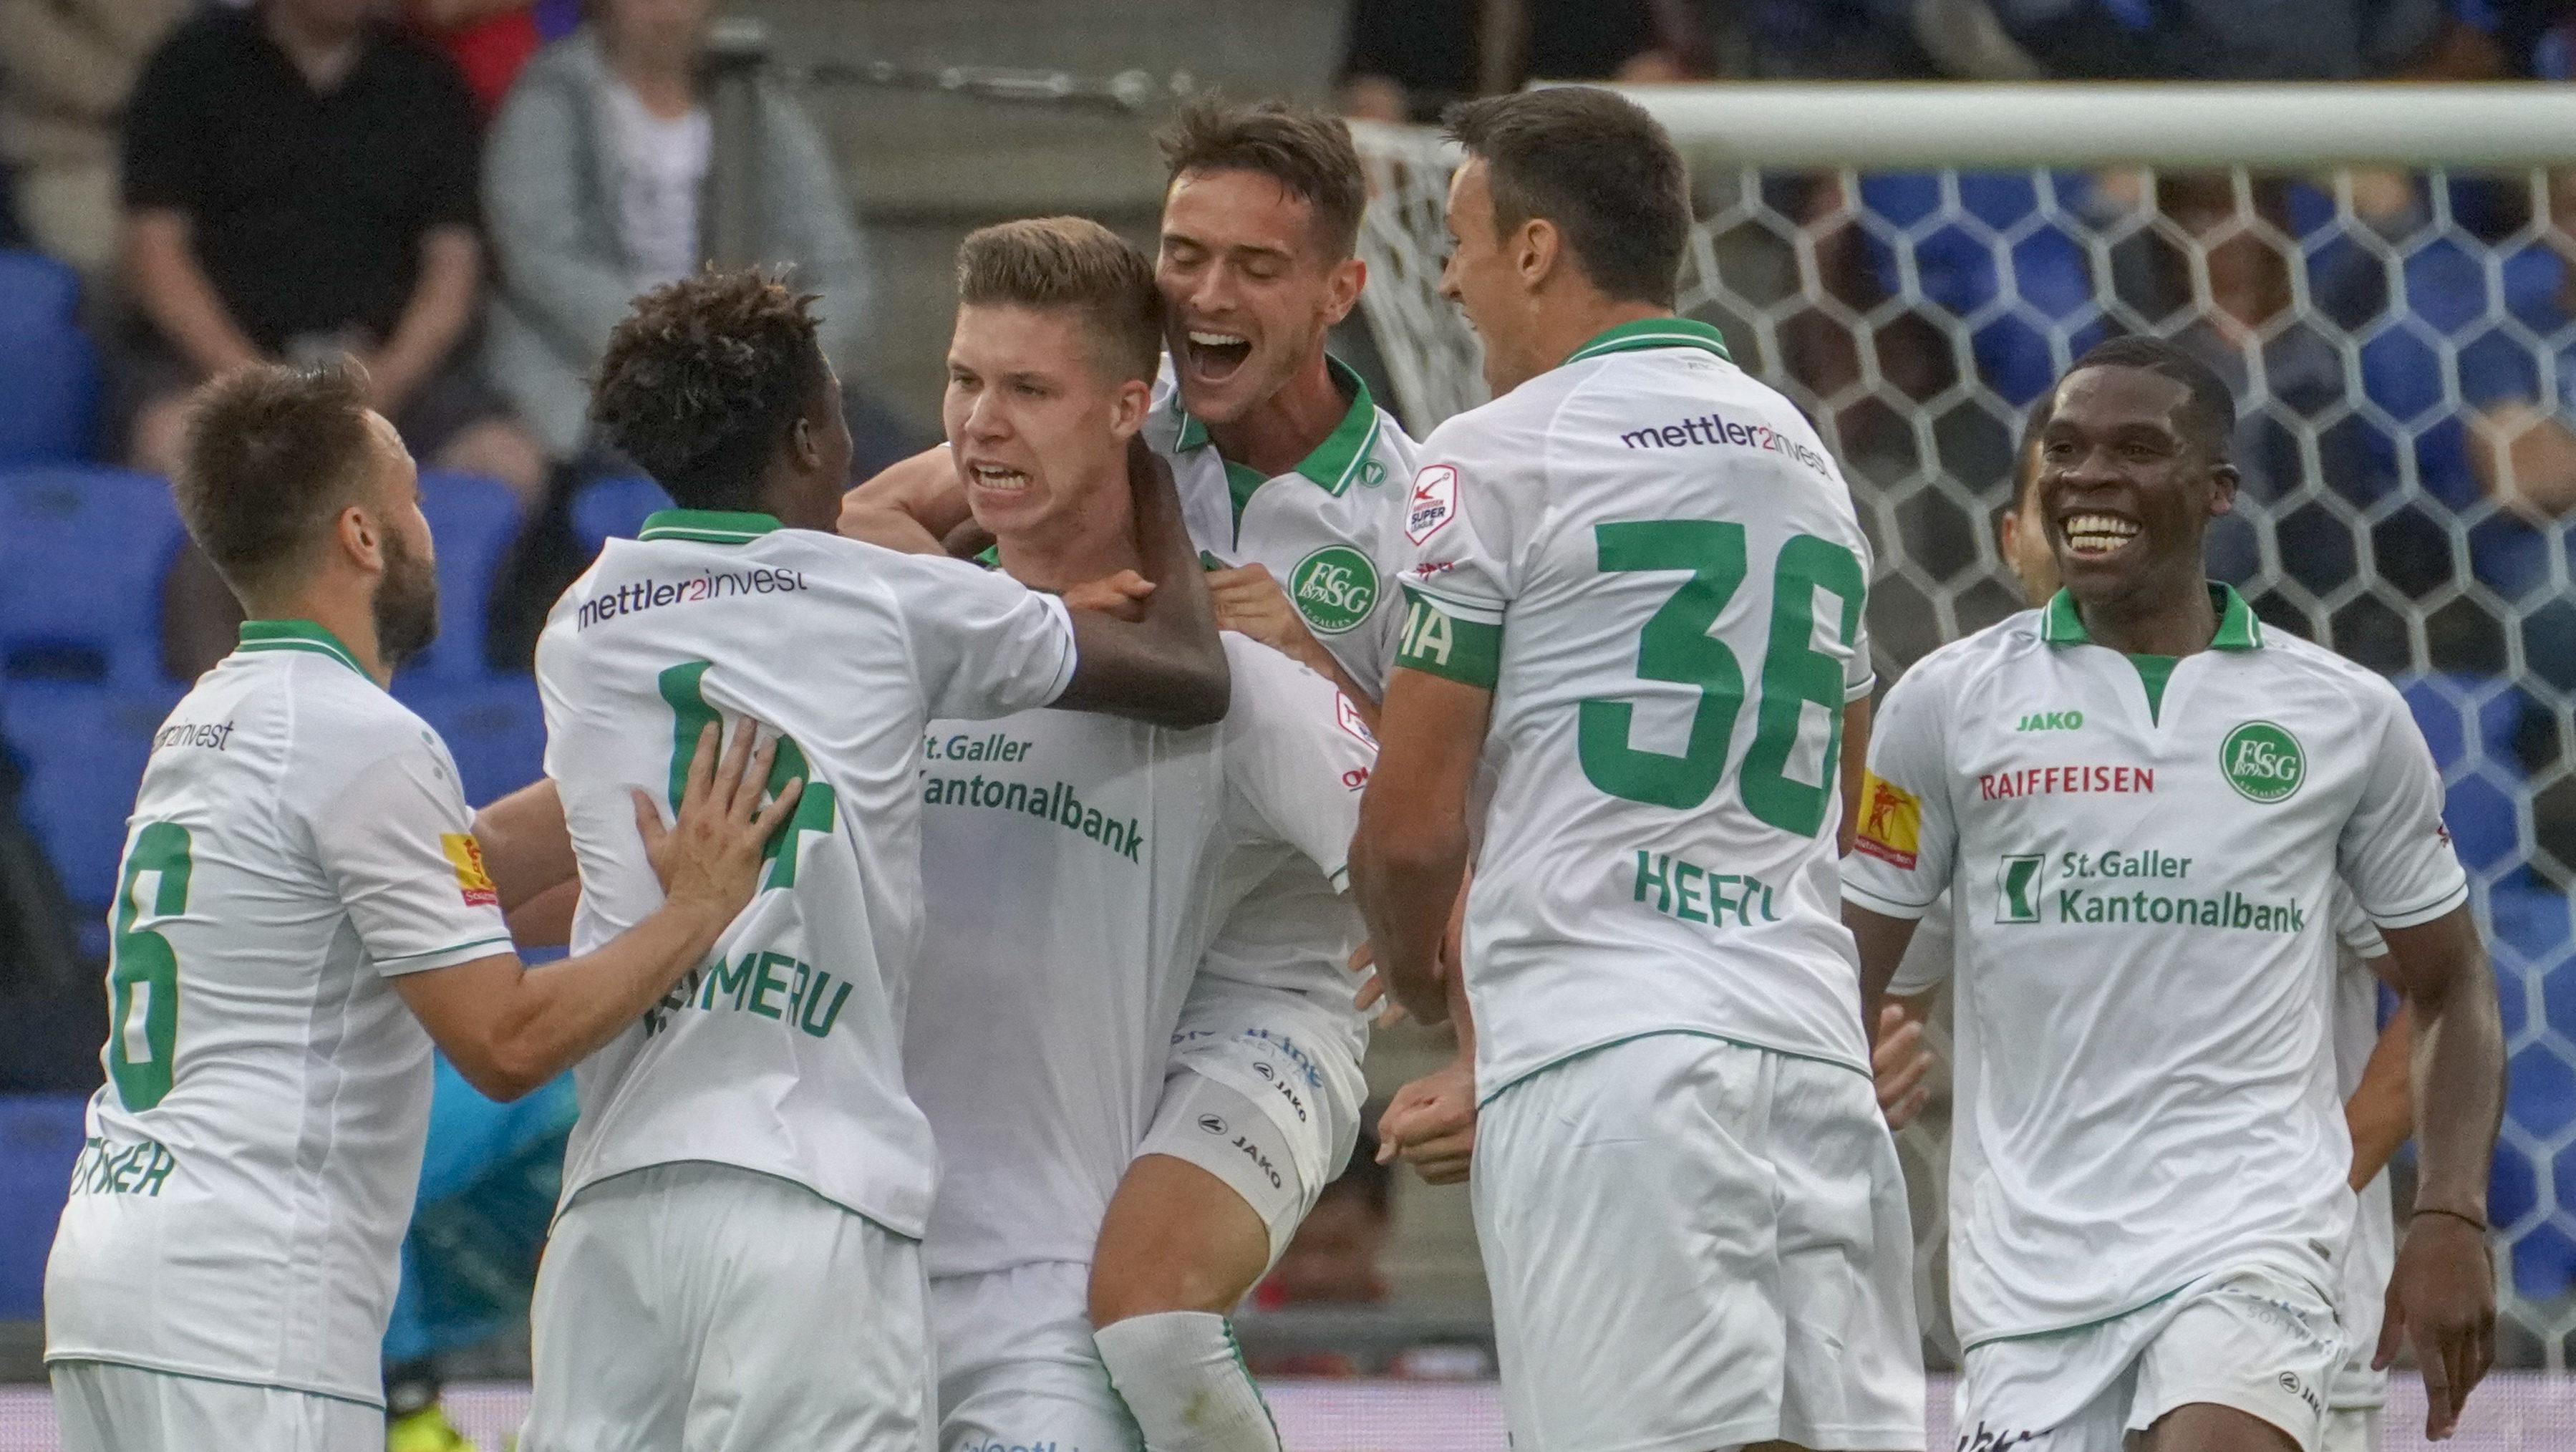 21.07.2018; Basel; FUSSBALL SUPER LEAGUE - FC Basel - FC St.Gallen;Cedric Itten (St.Gallen) jubelt nach dem Tor zum 0:1 mit